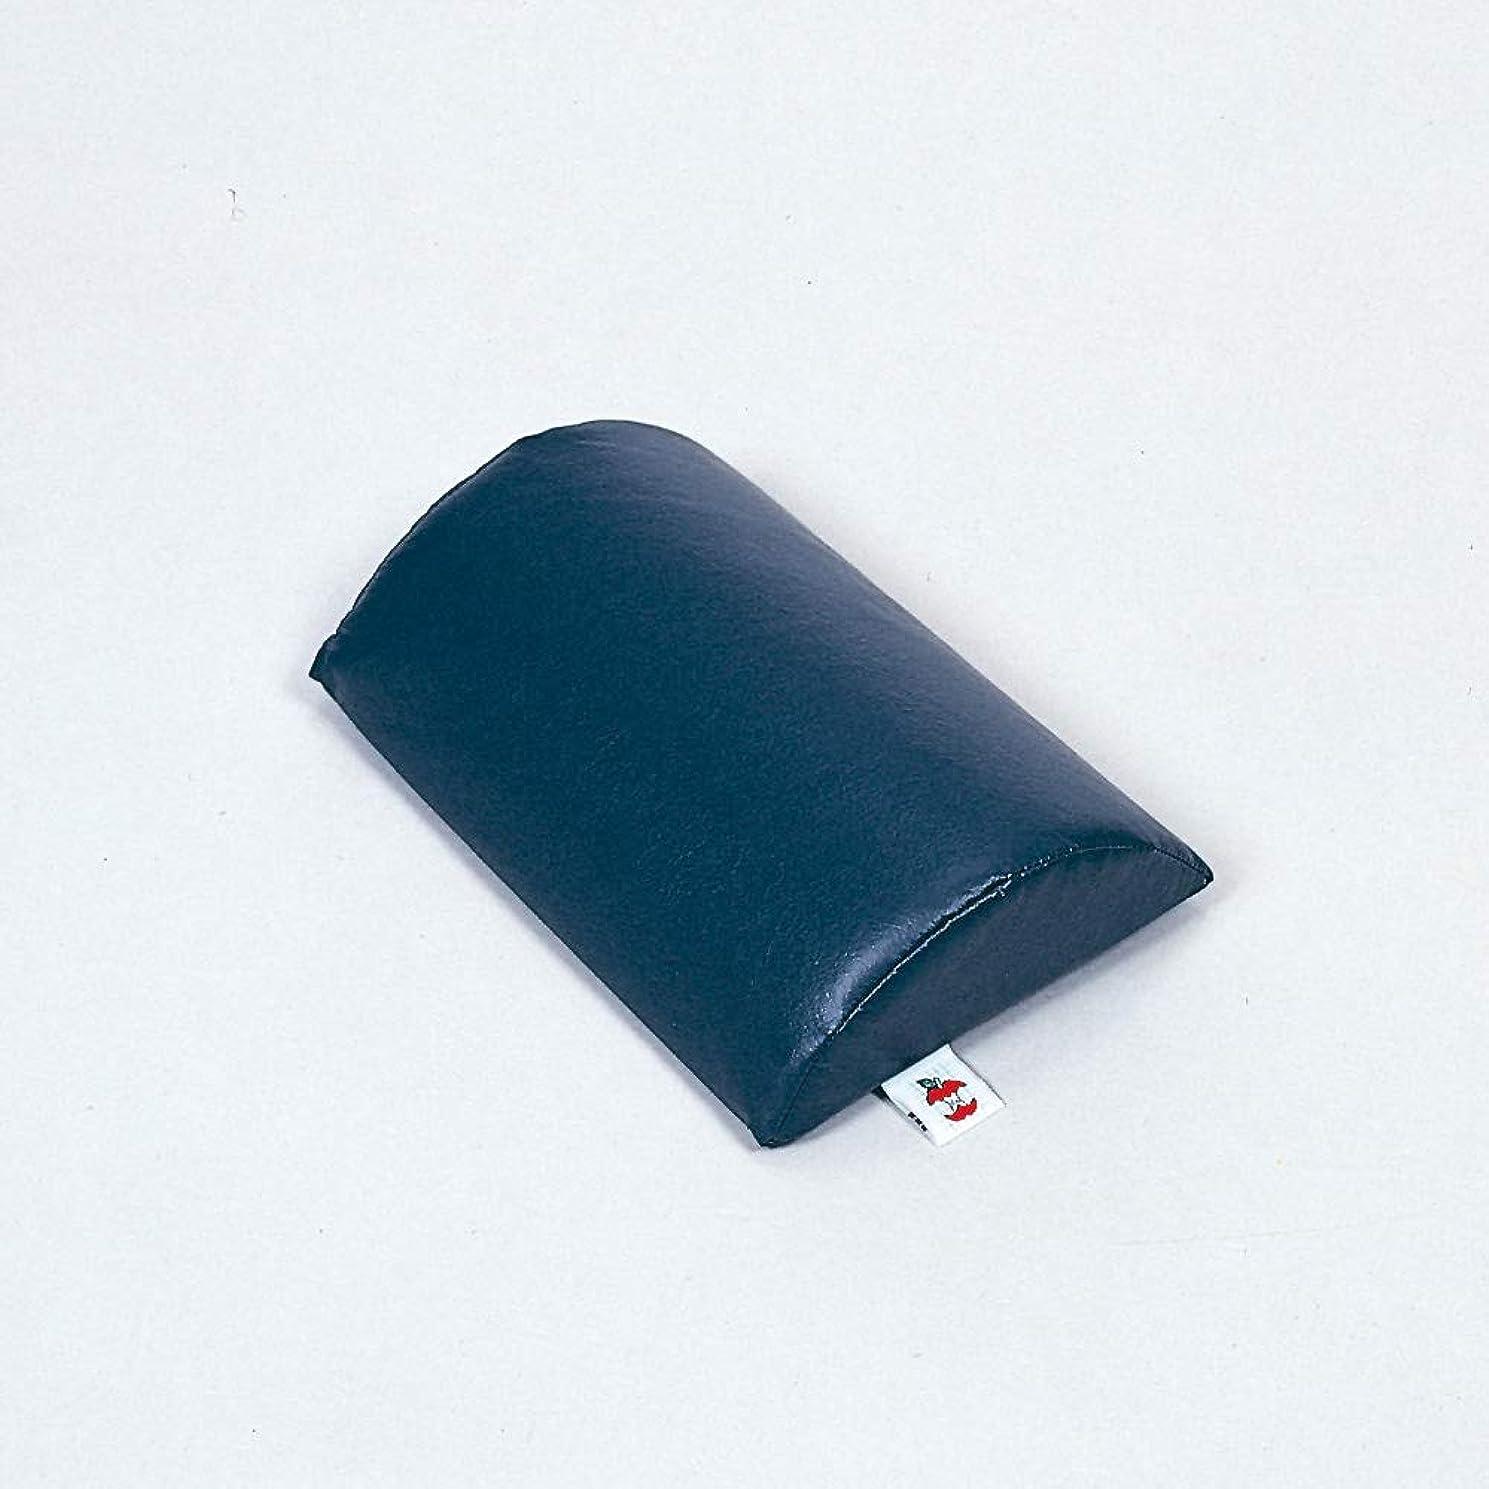 スクラブ貢献スペイン語CORE PRODUCT(コアプロダクツ) ミニピロー 枕として 手足の固定用 クッション